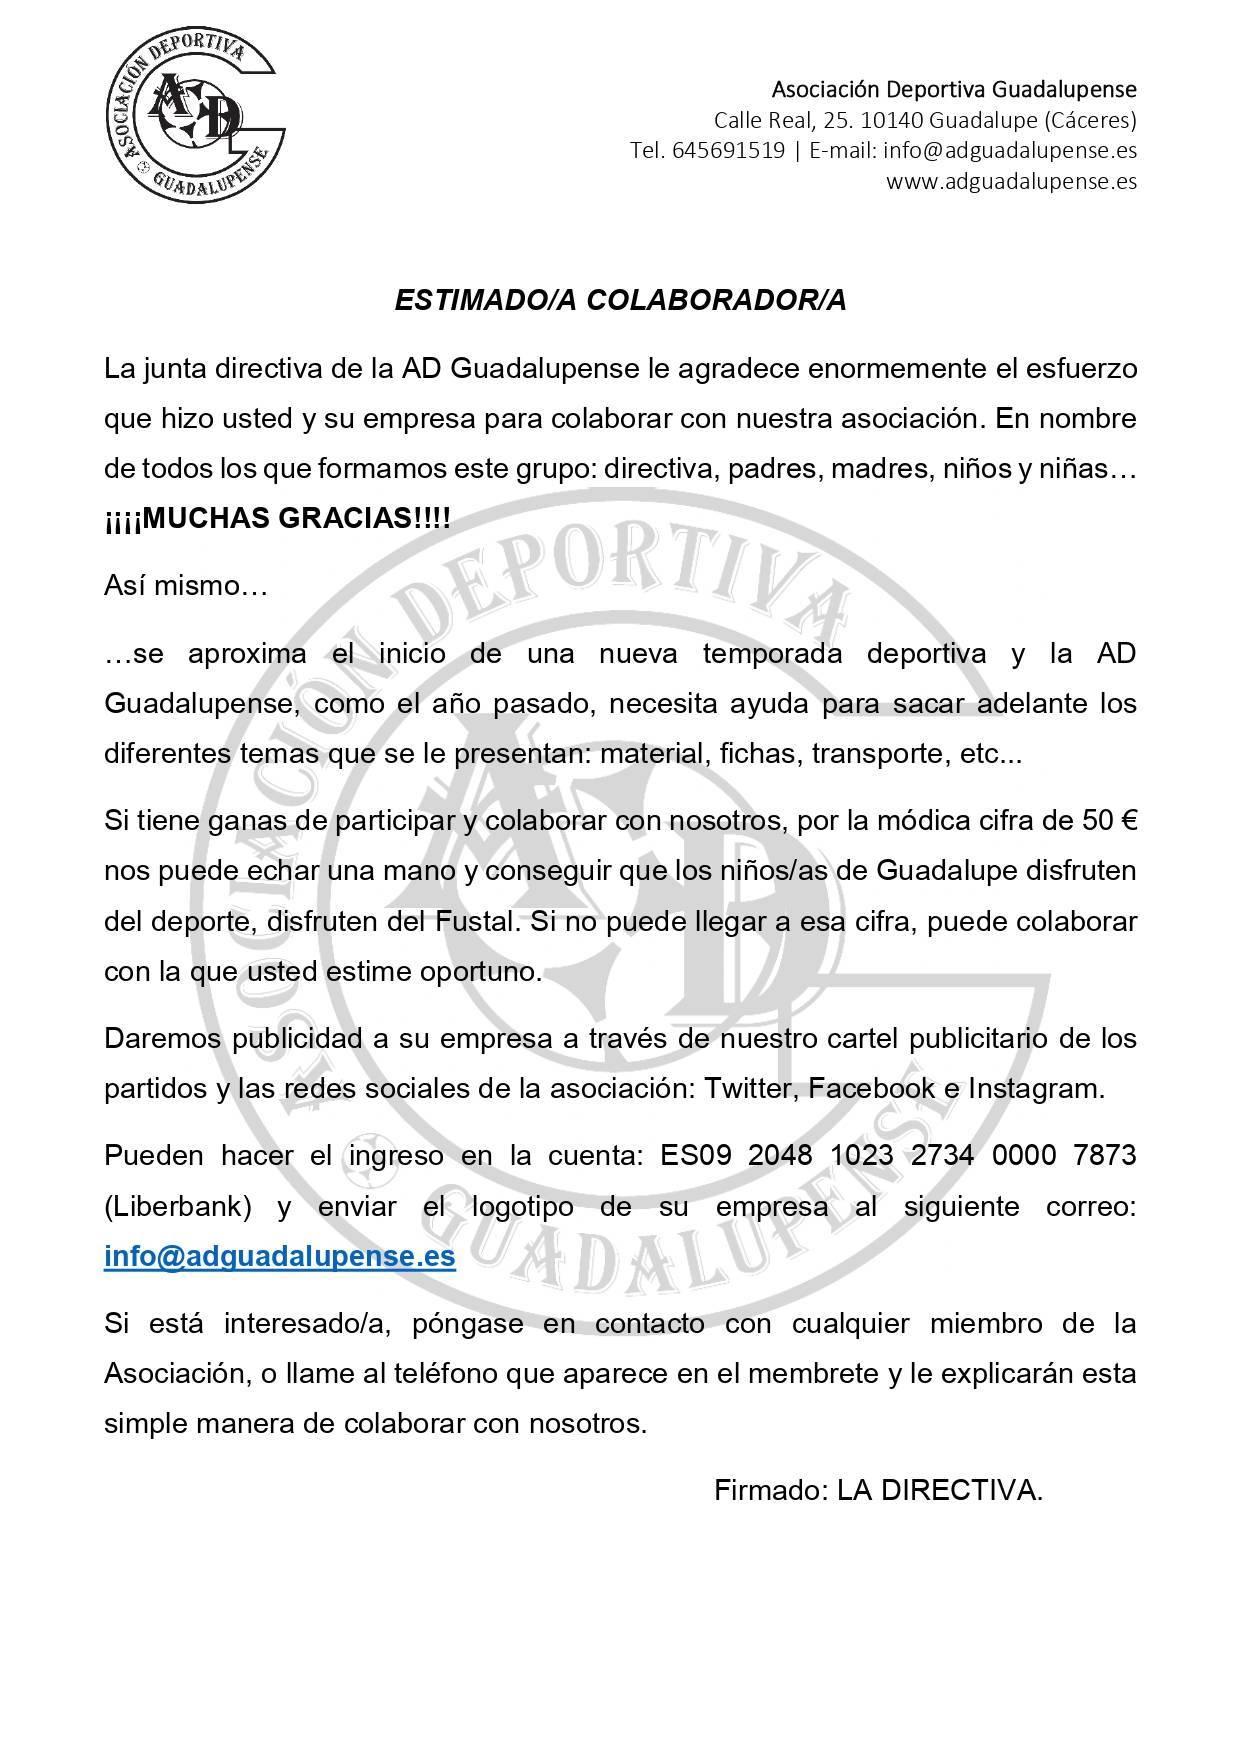 Carta colaborador 2019-2020